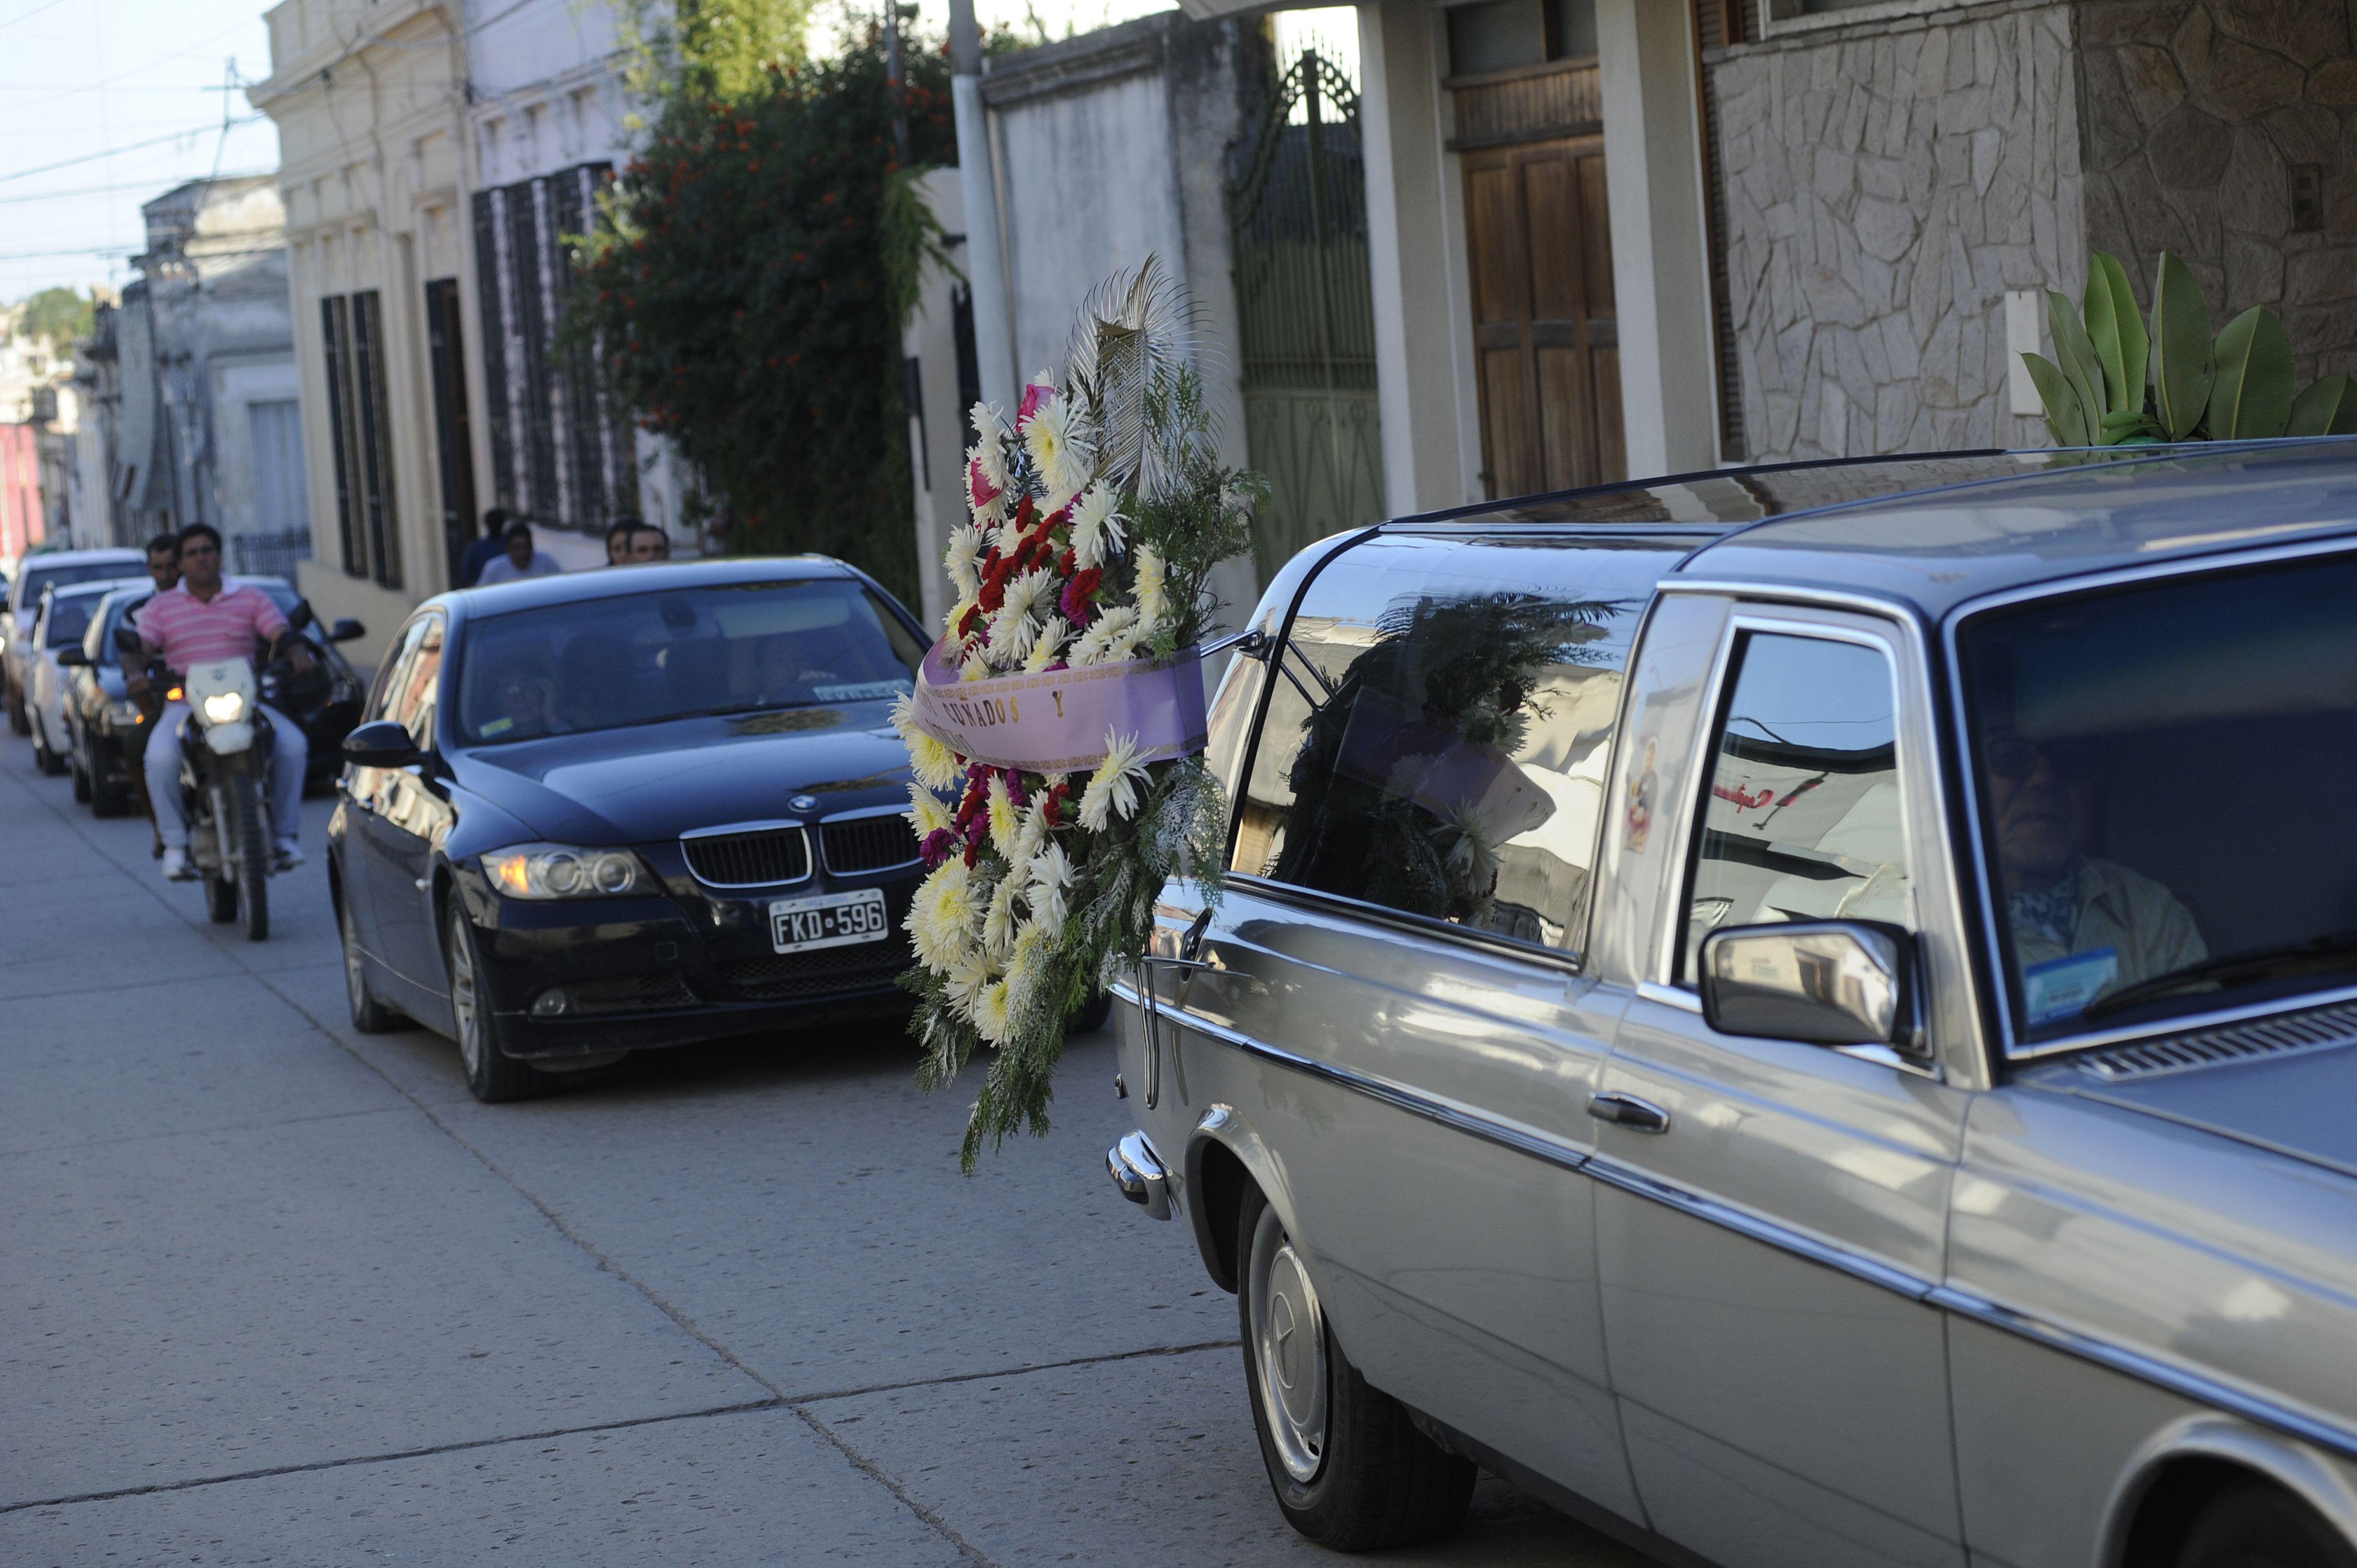 Cortejo. La caravana que acompañó a los restos de Iván Lacco. La imagen se reprodujo varias veces ayer.